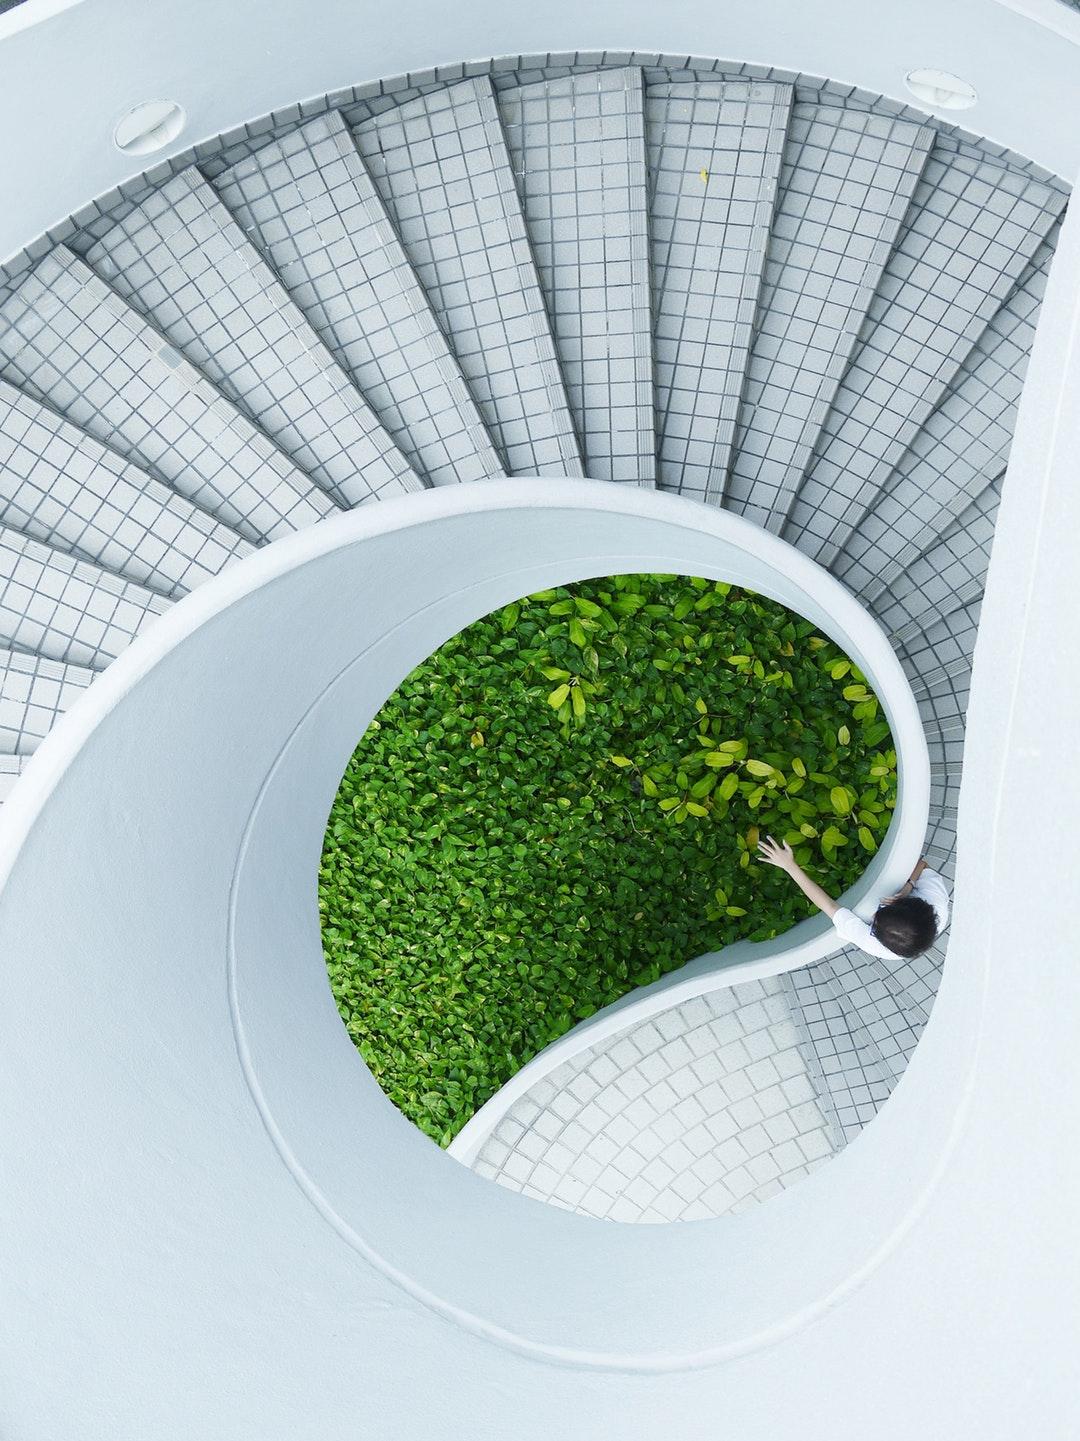 حديقة خضراء جميلة مع سلم حلزوني خلفيات ايفون 6s